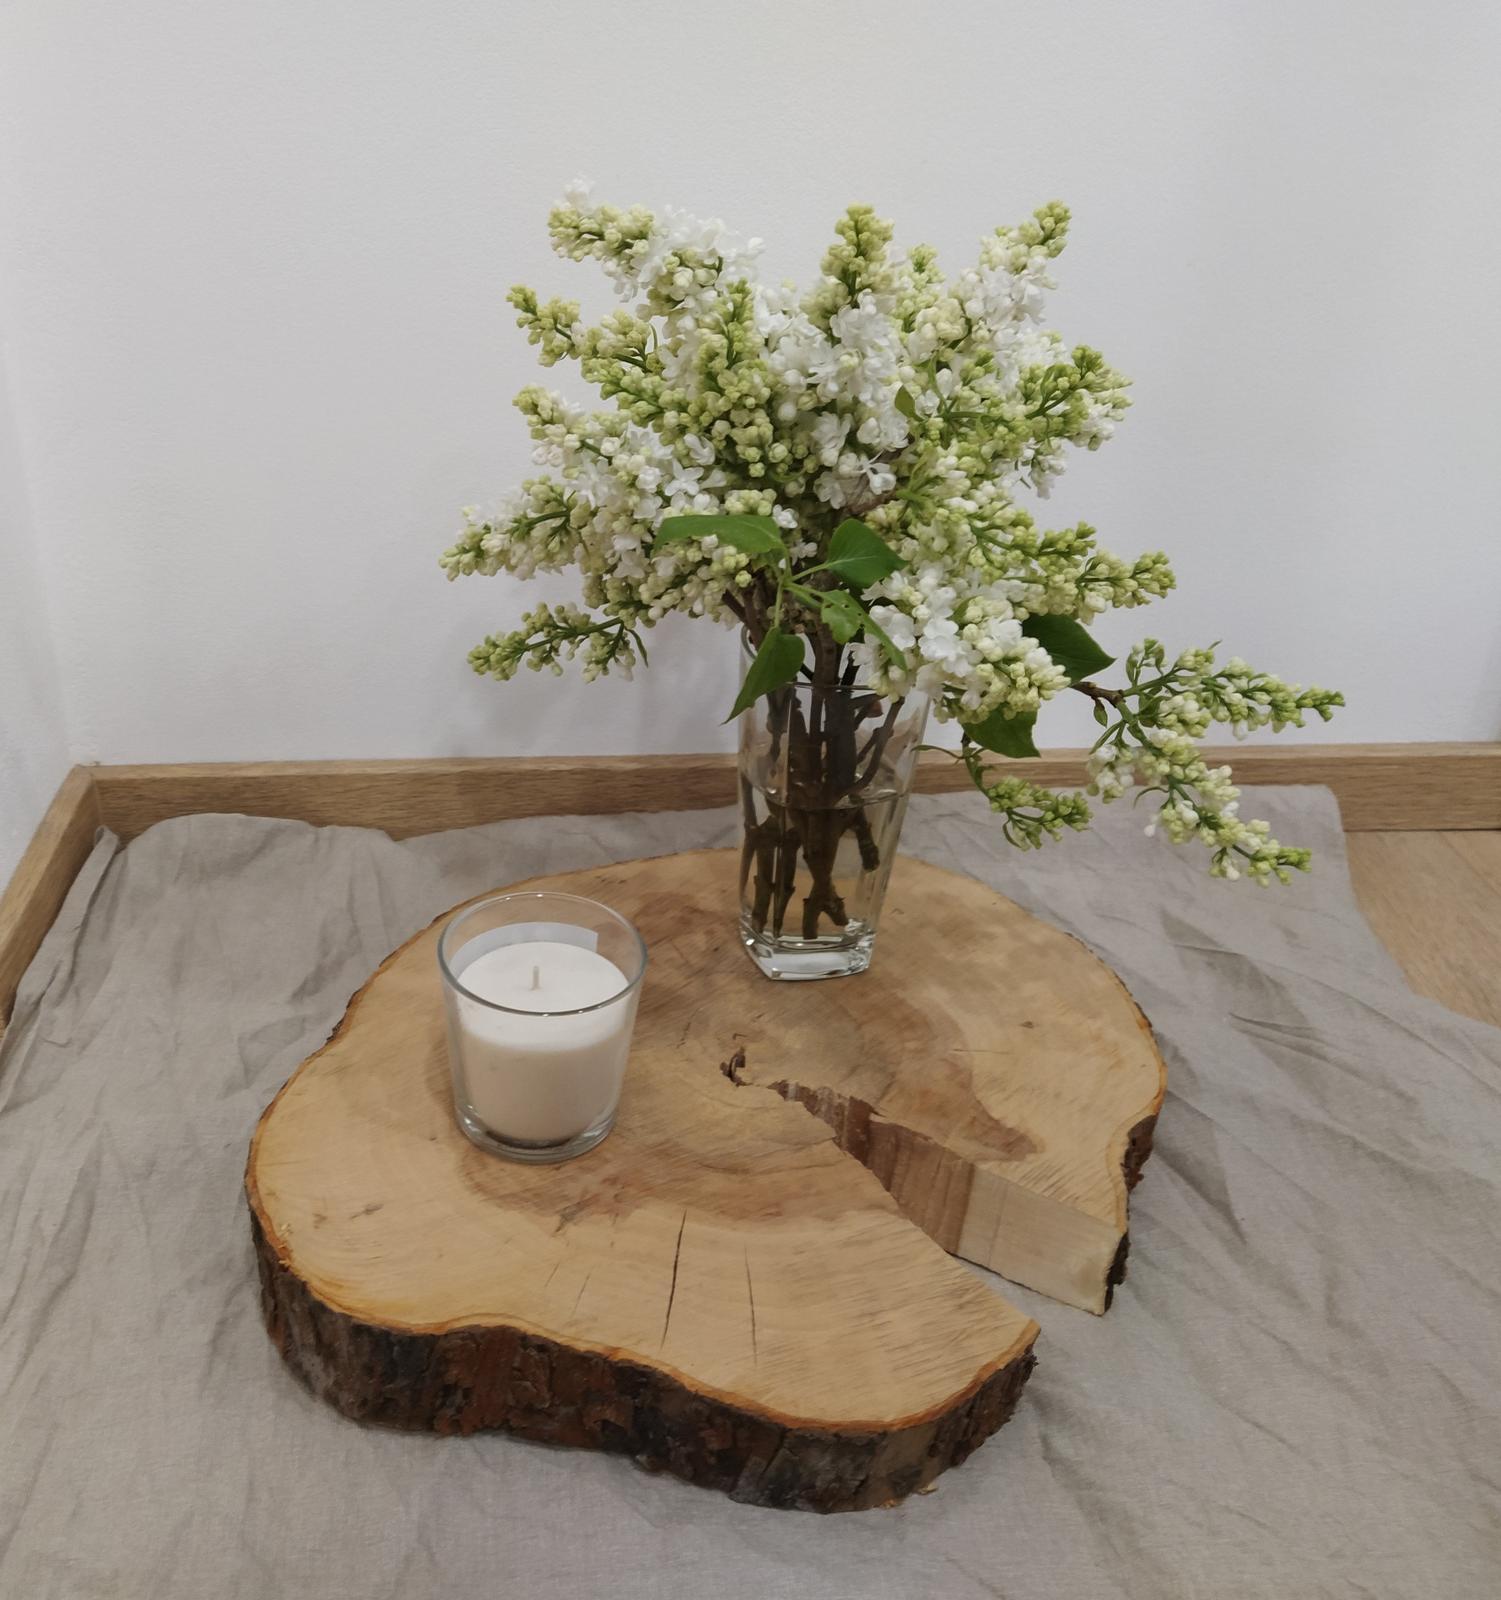 Dřevěné kulatiny/podnosy (průměr cca 35-40 cm) - Obrázek č. 1